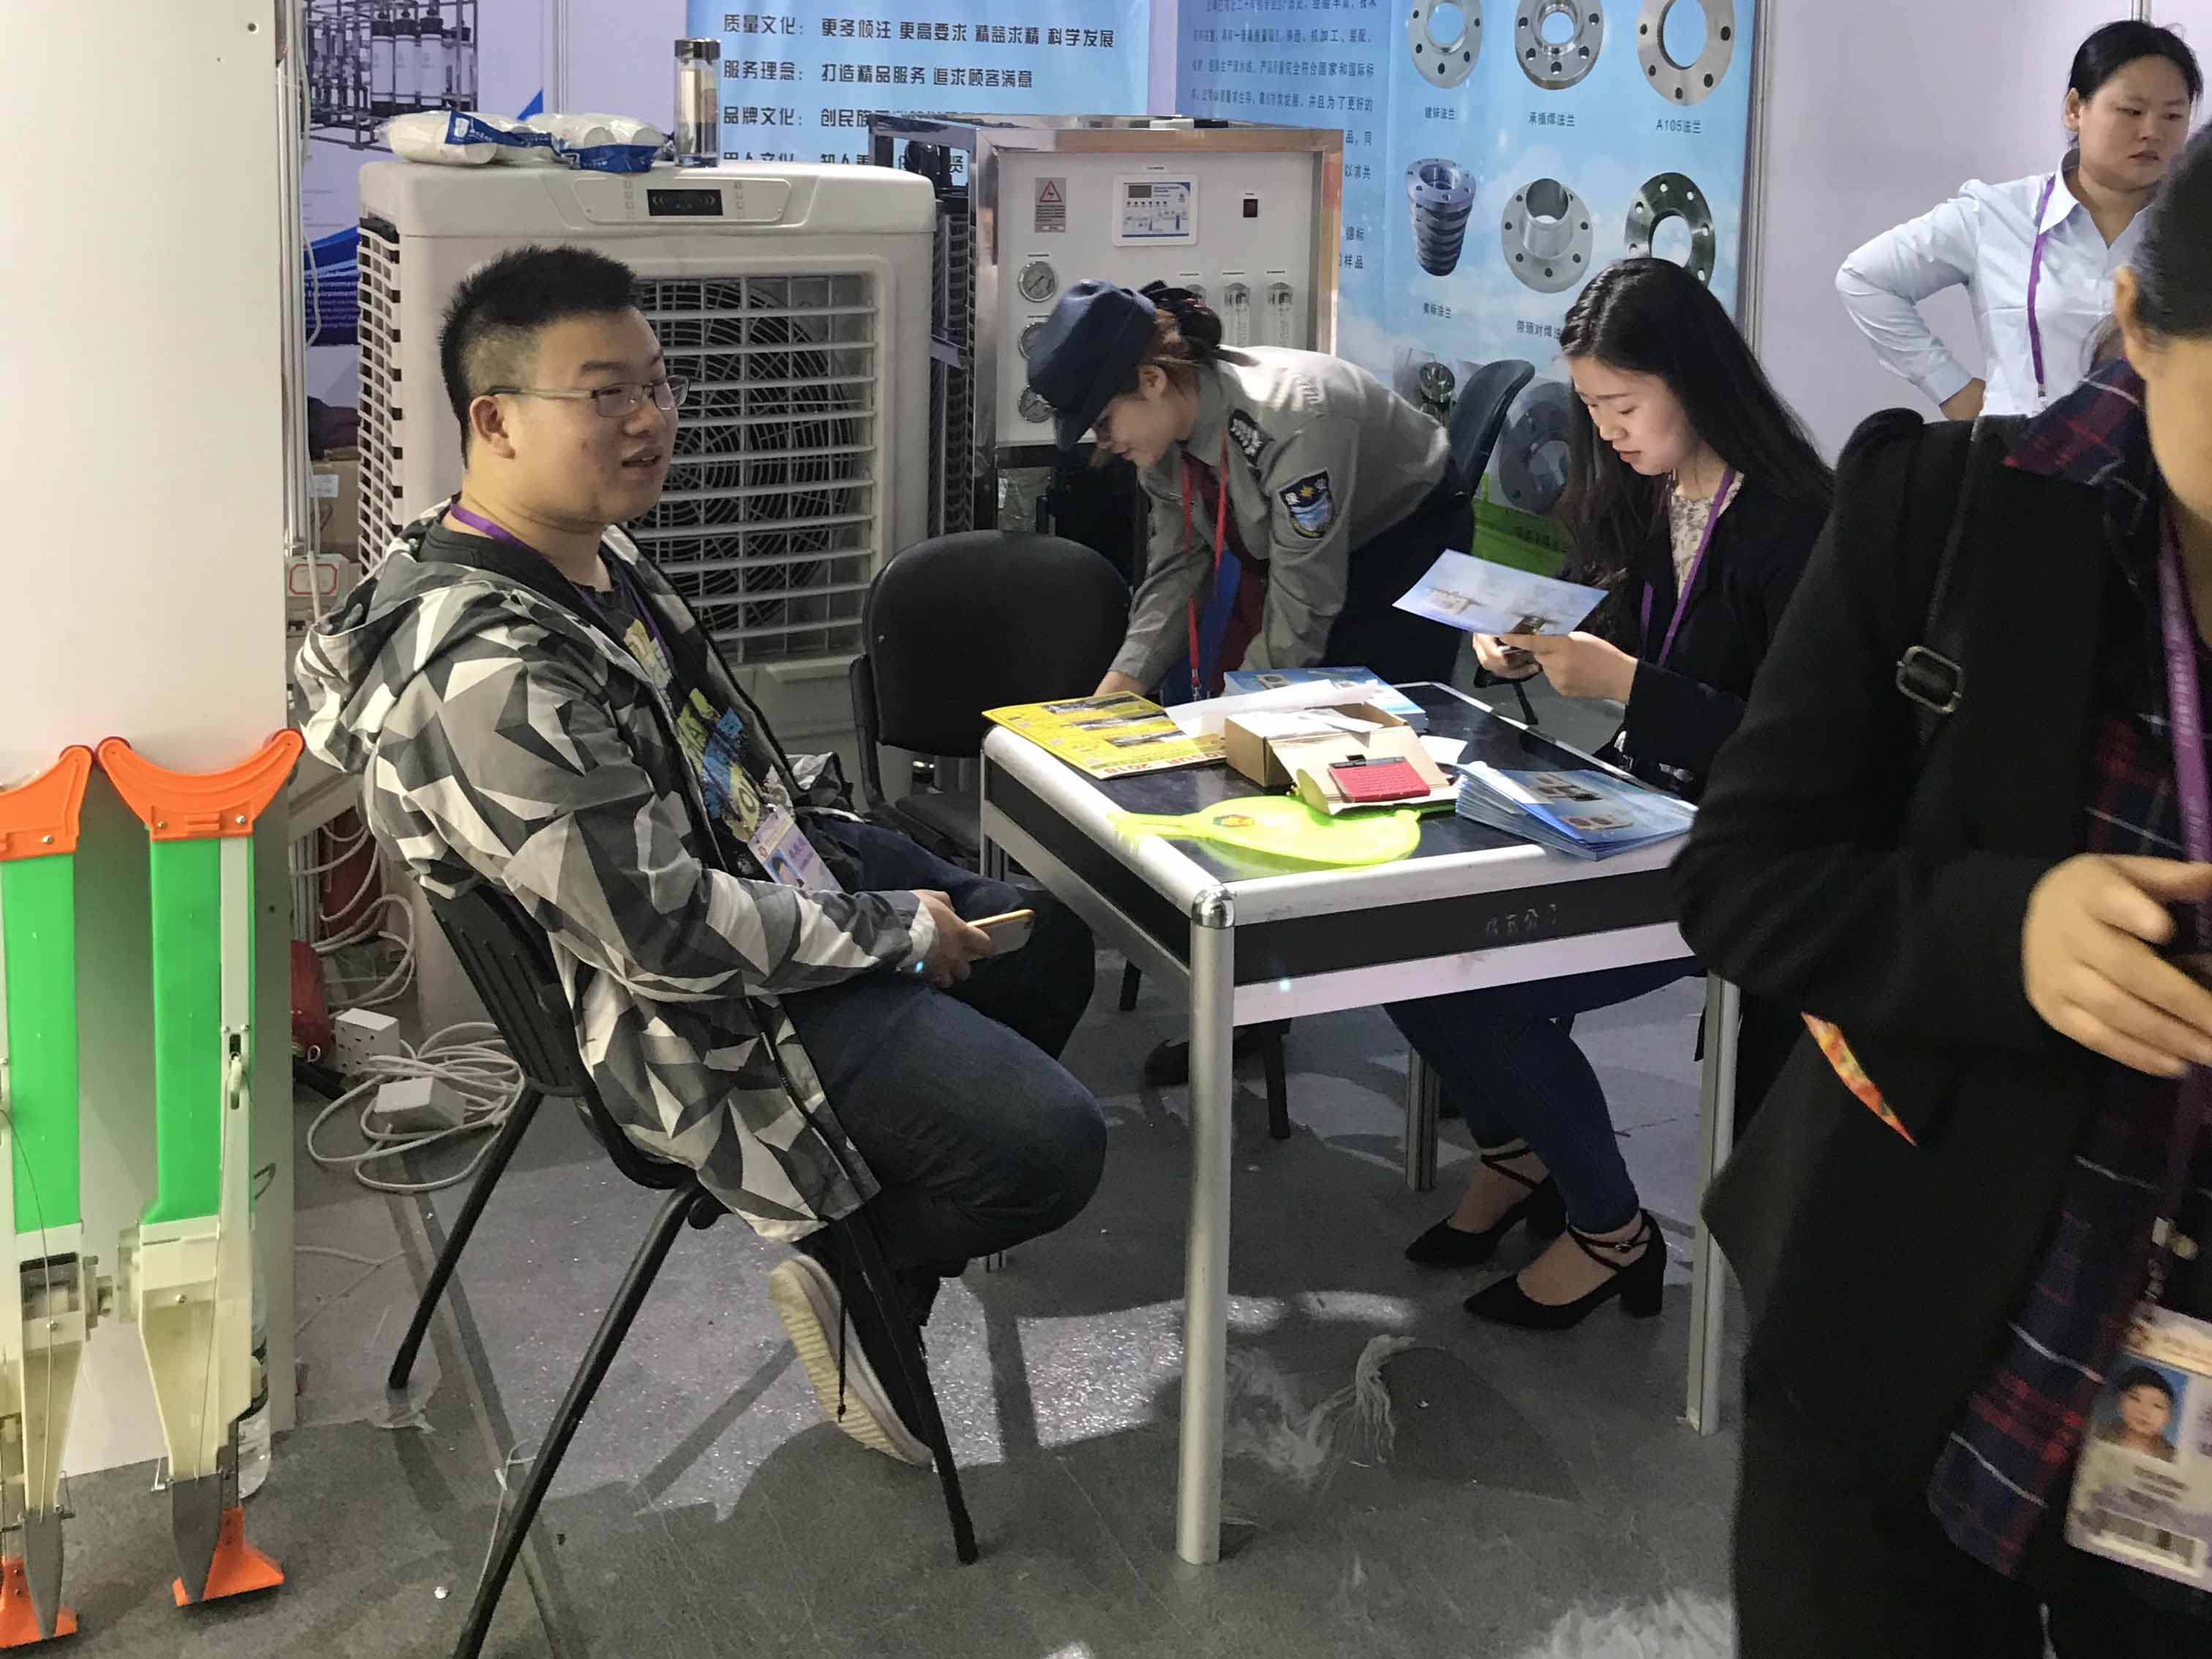 Ocpuritech-123th Carton fair | Blog